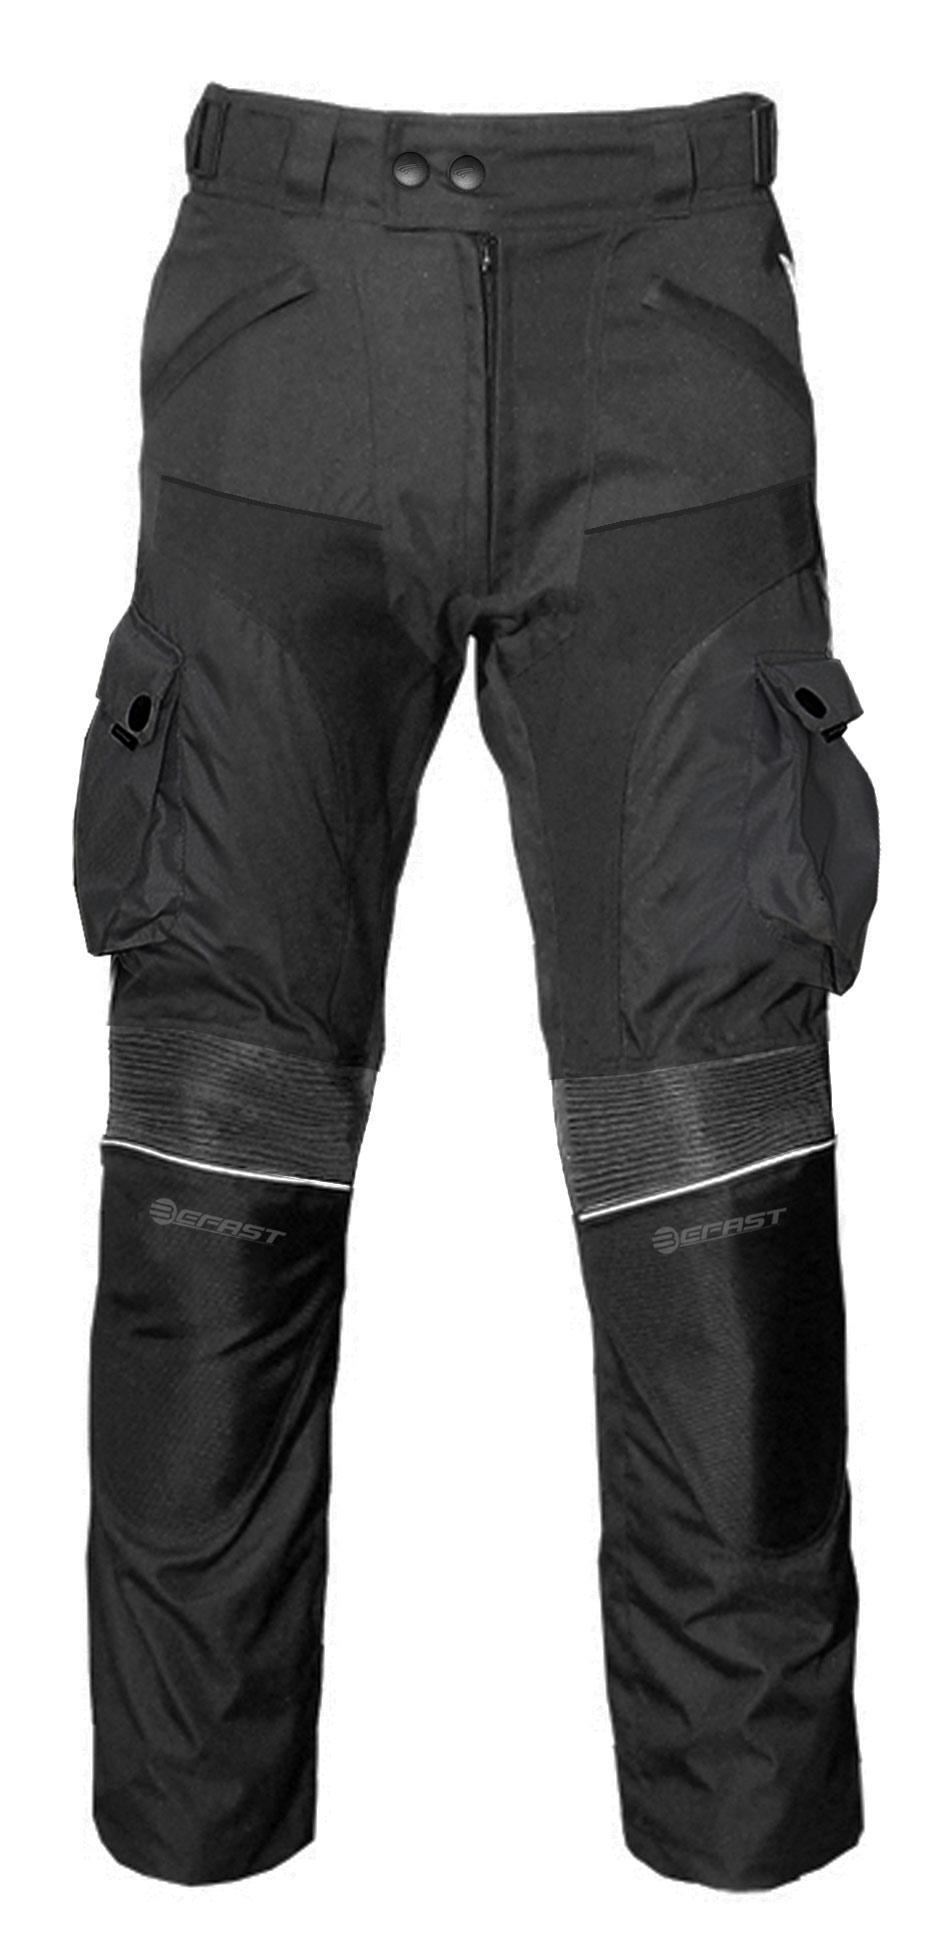 Pantaloni moto donna touring Befast Four Climath EVO 4 stagioni Nero